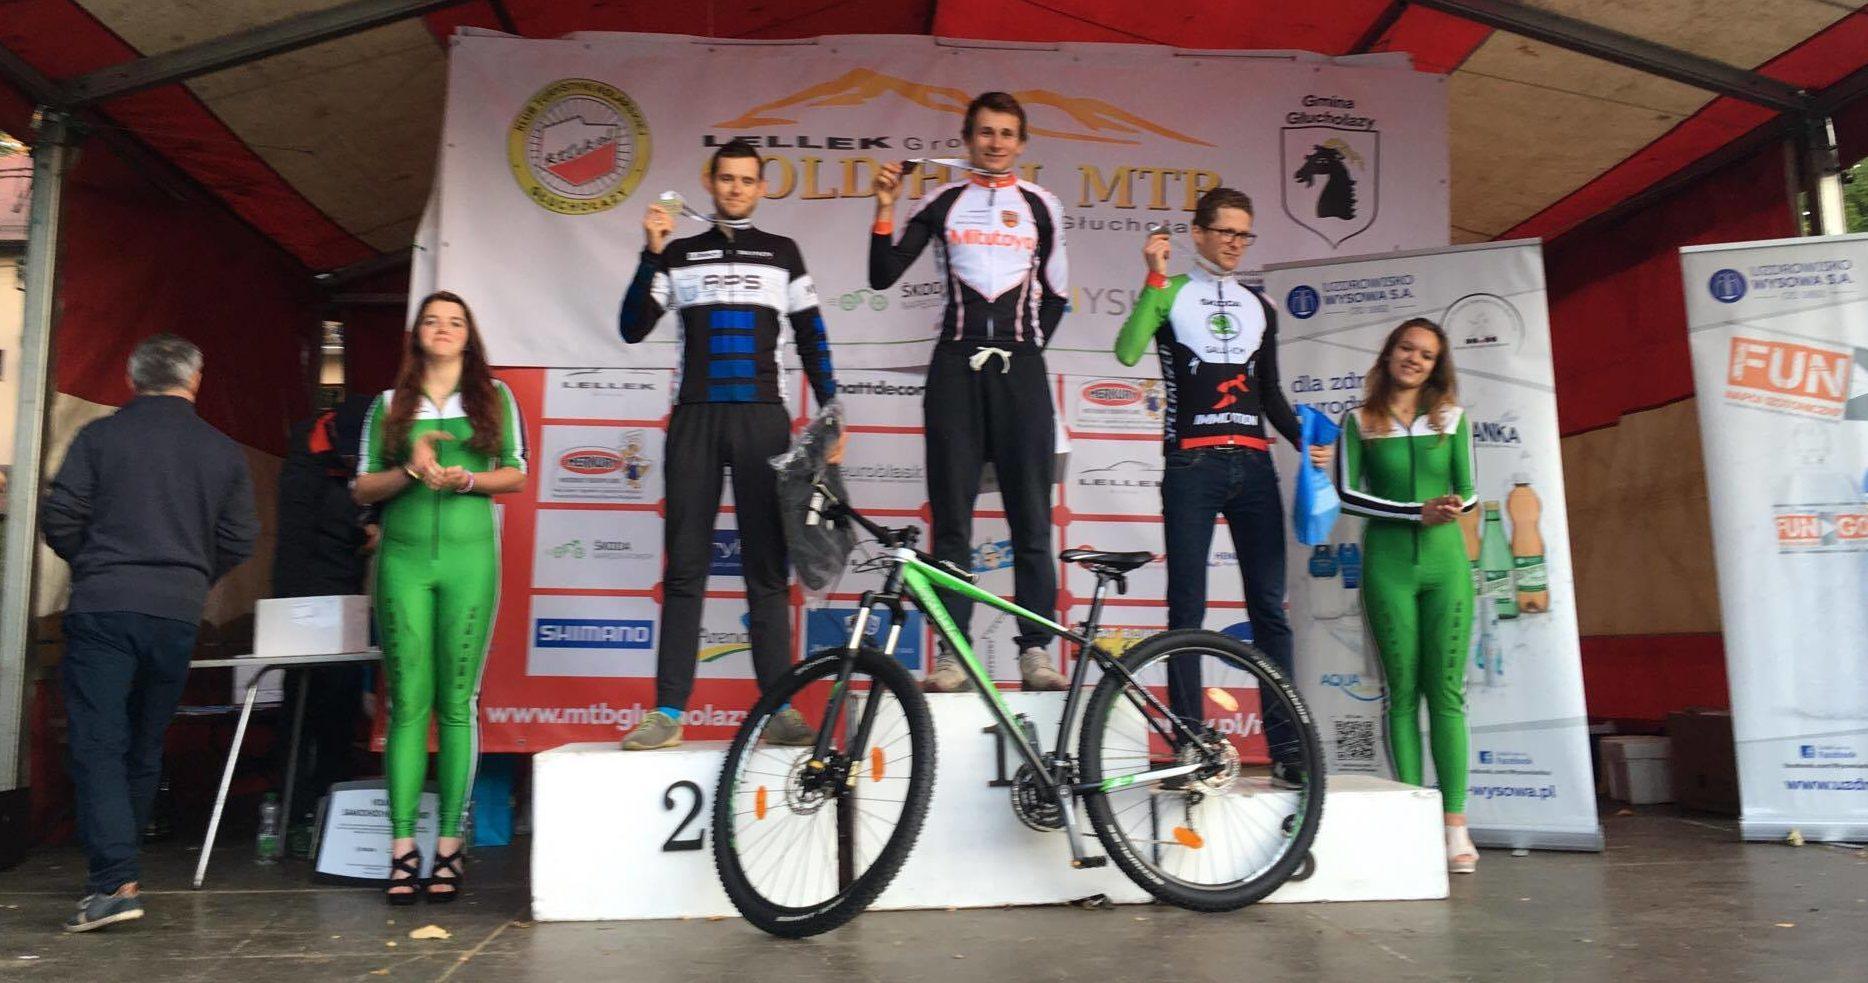 Krzysztof Łukasik (Mitutoyo AZS Wratislavia) – CykloOpawy XCO / Gold Hill MTB Maraton, Głuchołazy